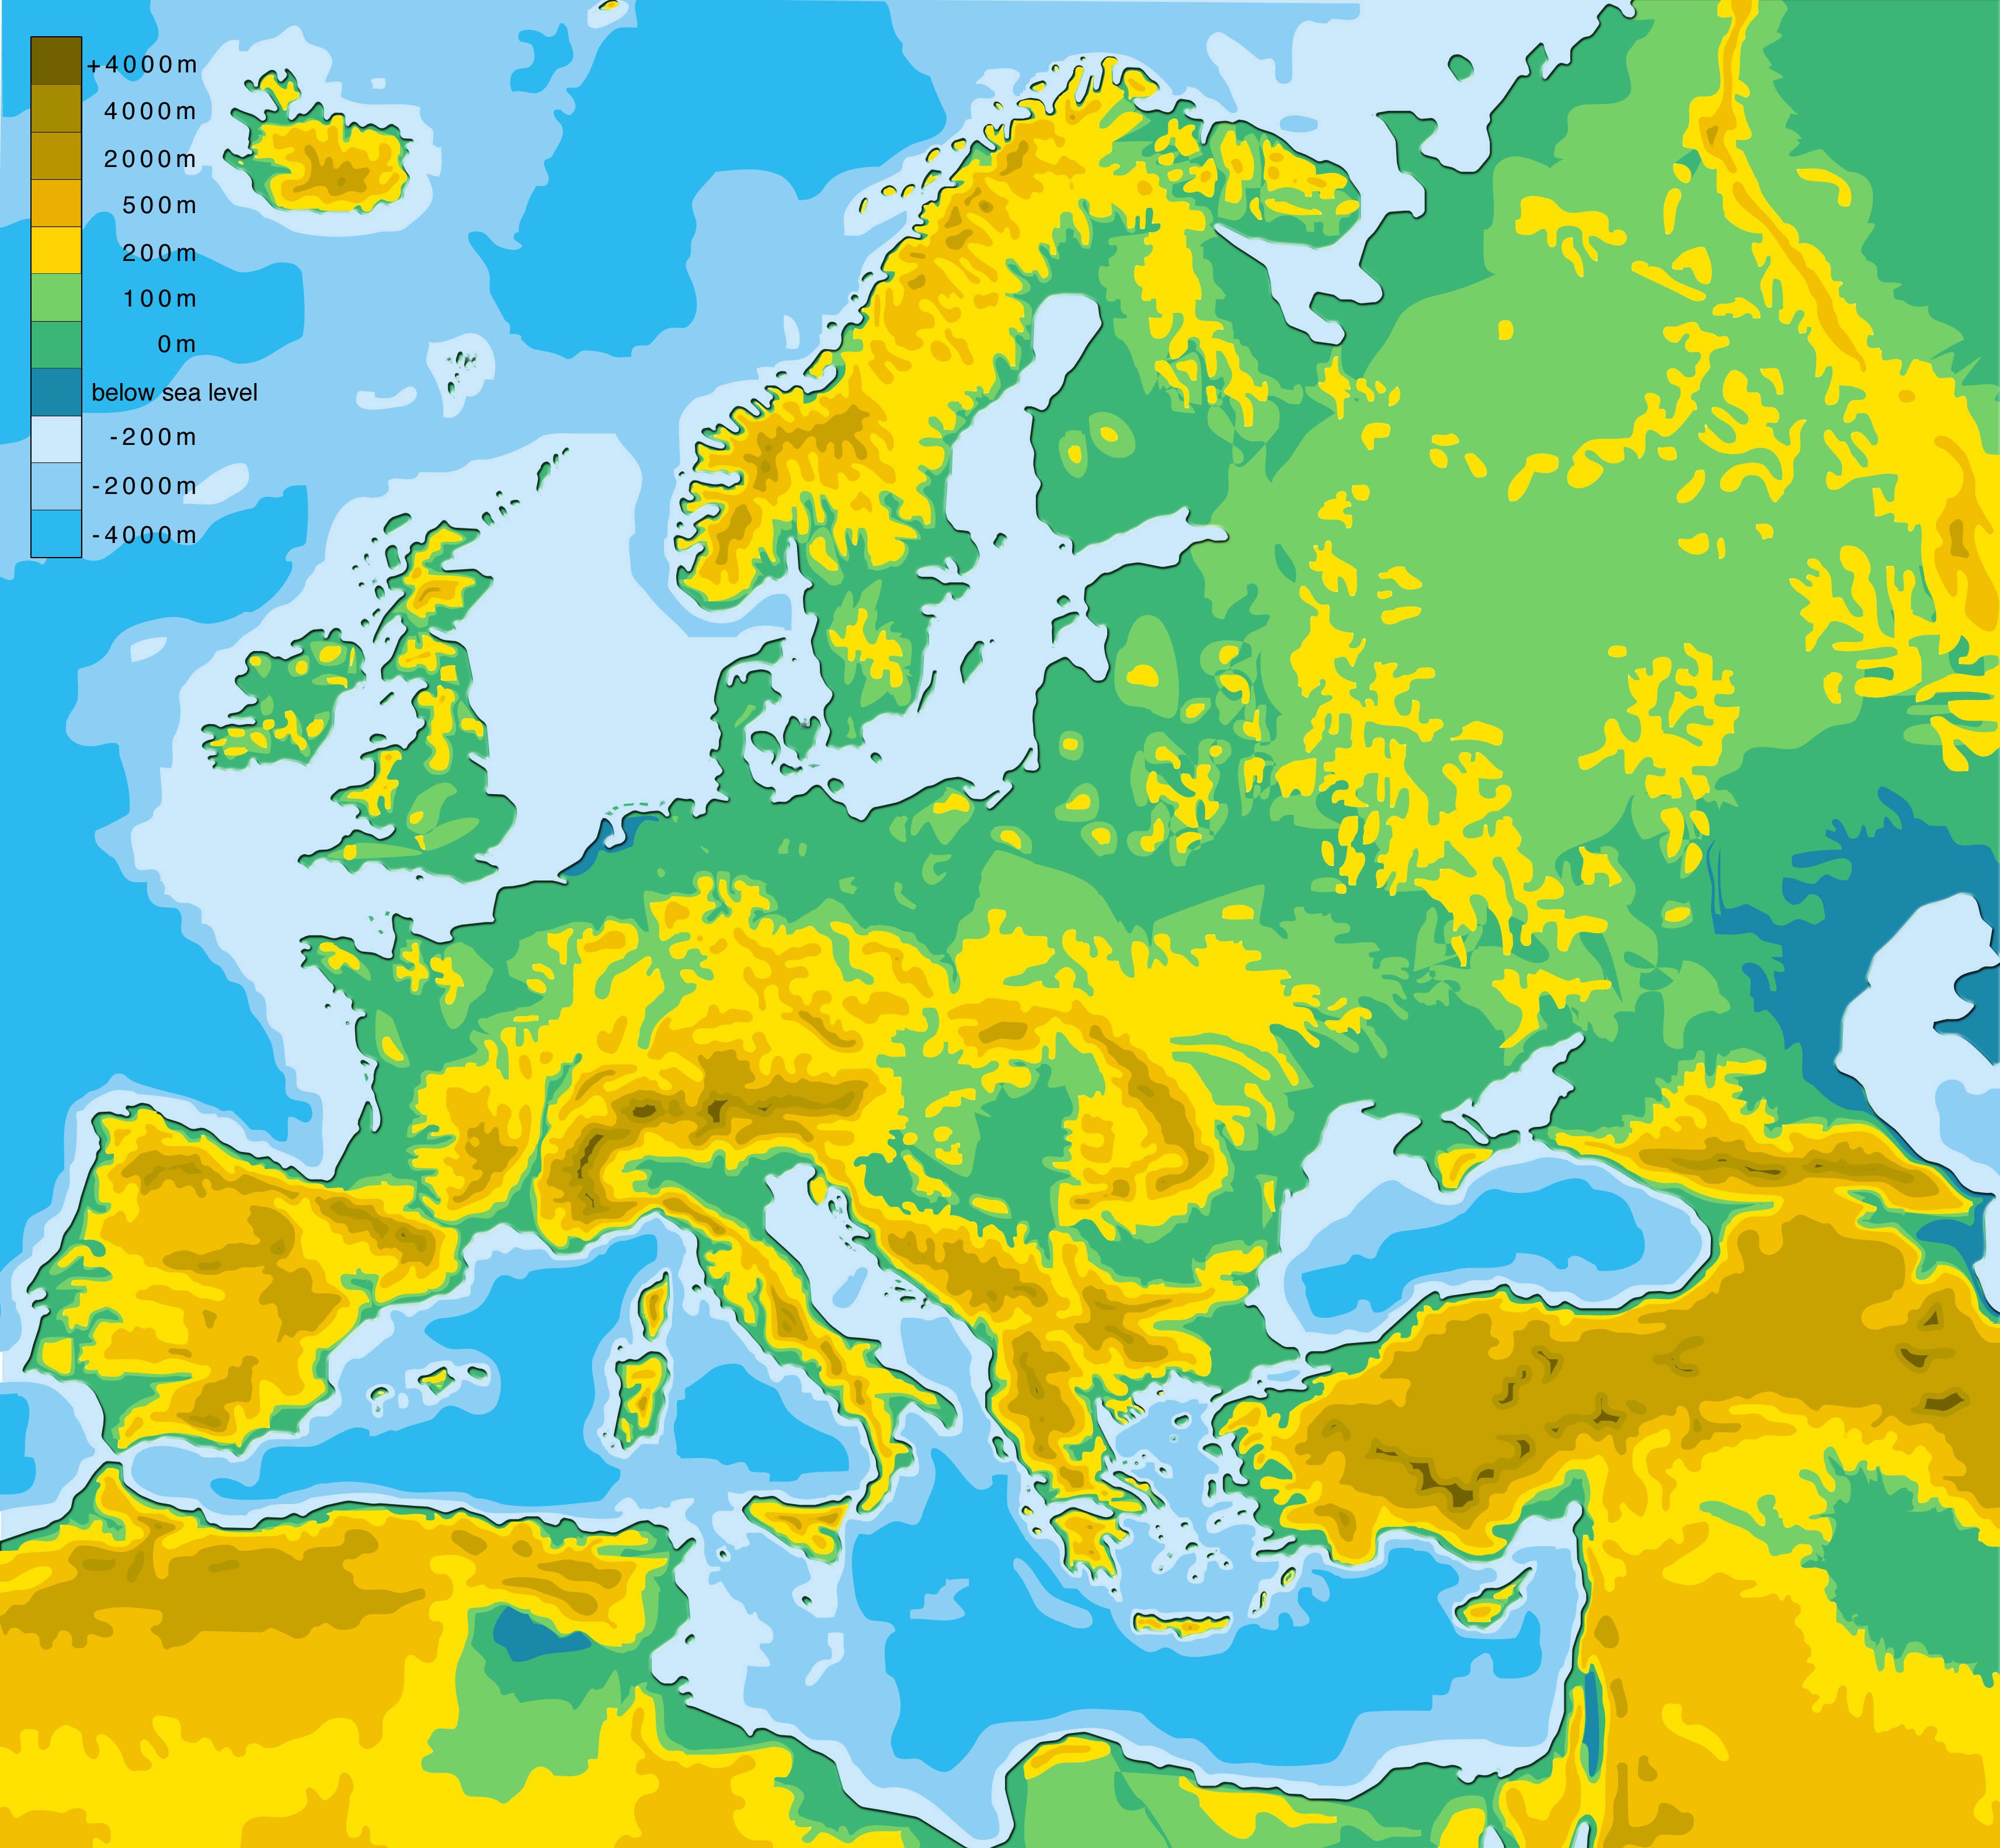 'Geografía física y política de Eurasia'